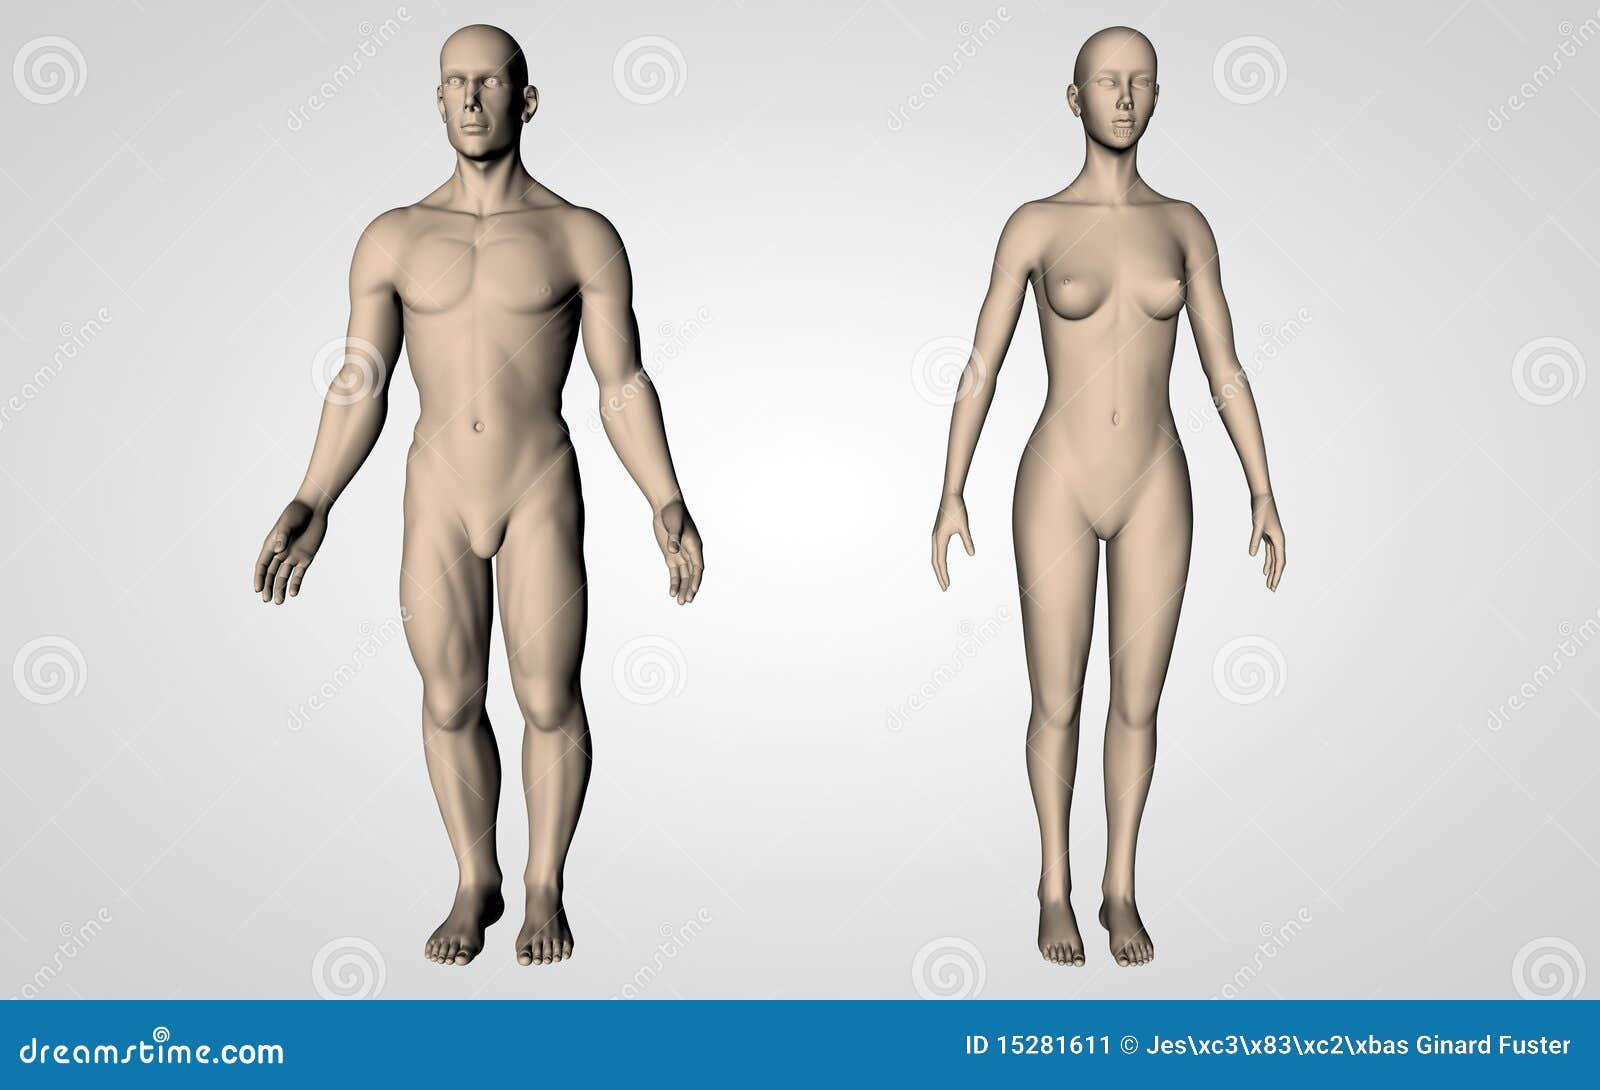 Menschliche Nullkörper